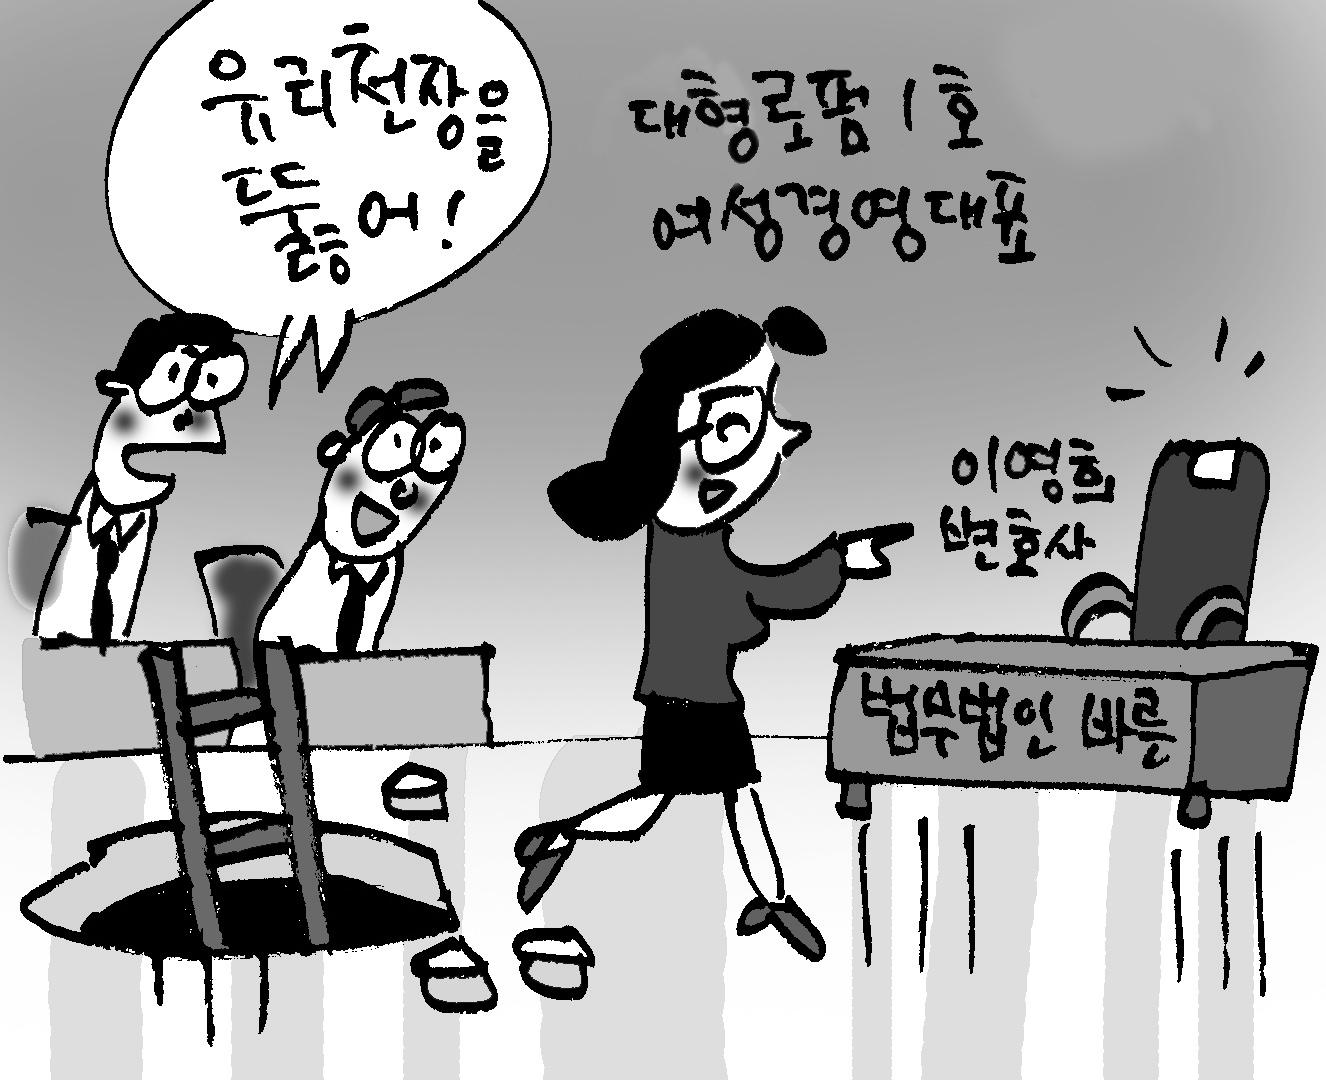 법무법인 바른, 차기 '총괄대표'에 박재필 변호사